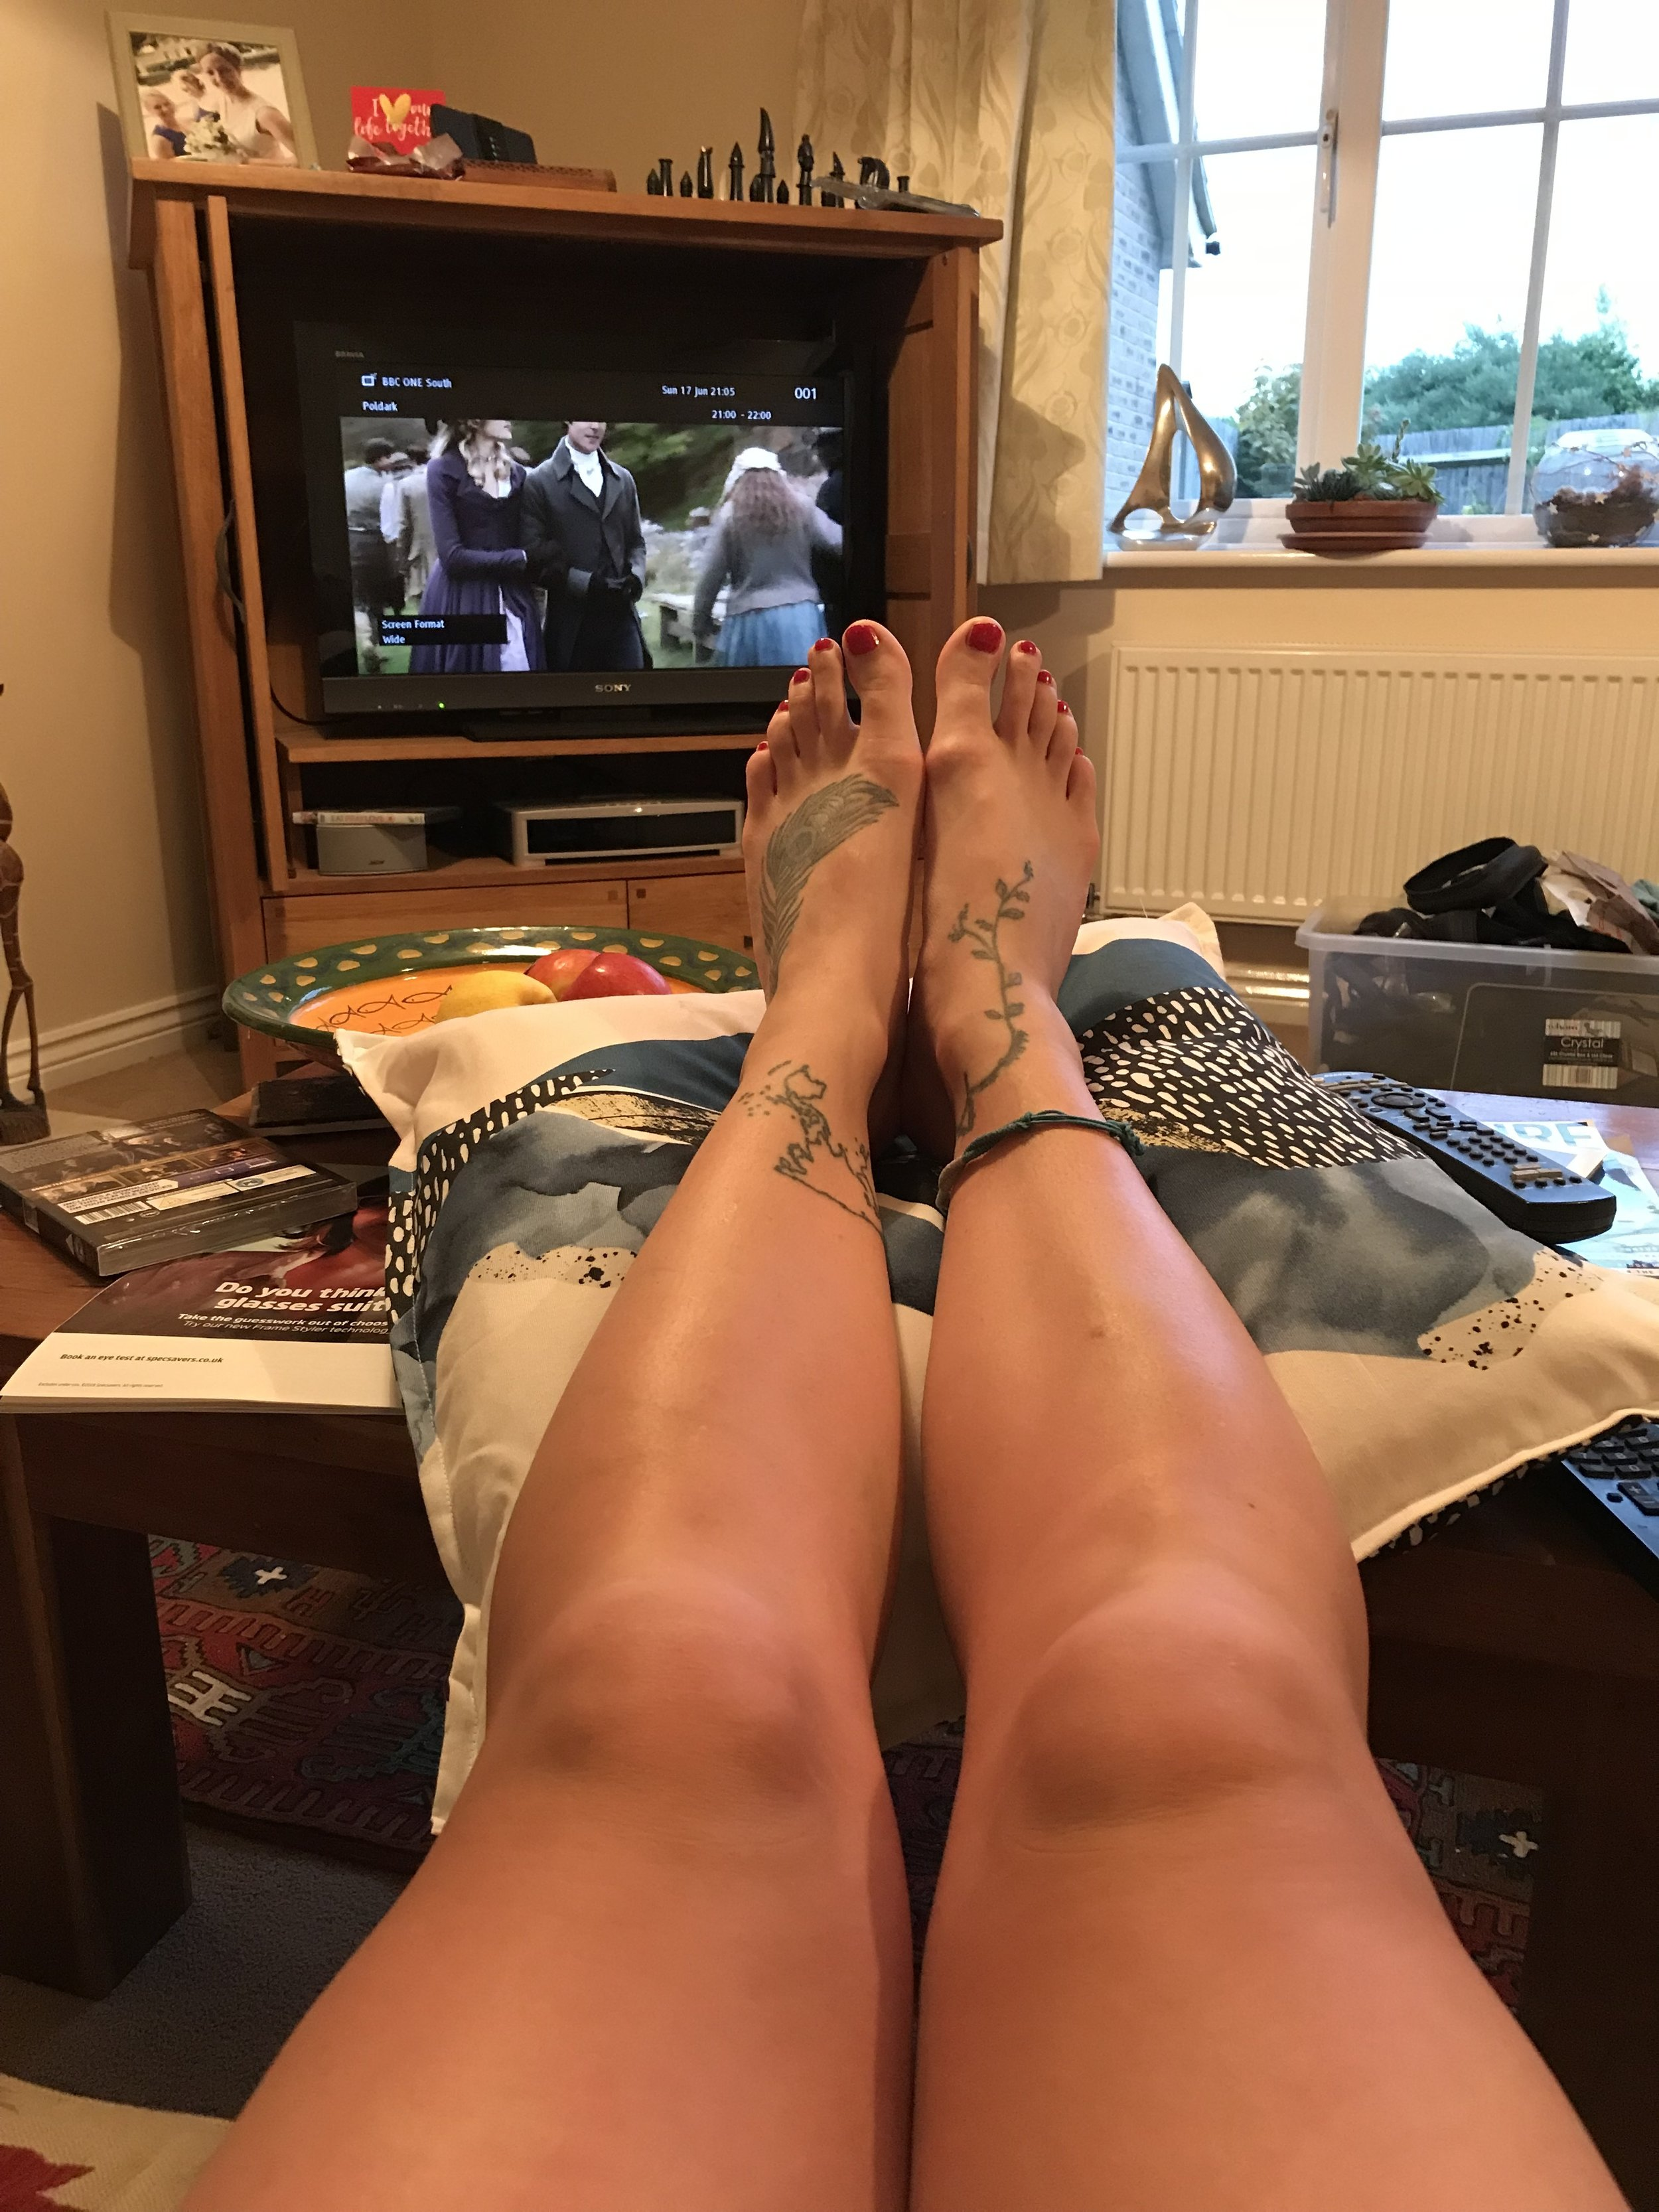 Feet up finally